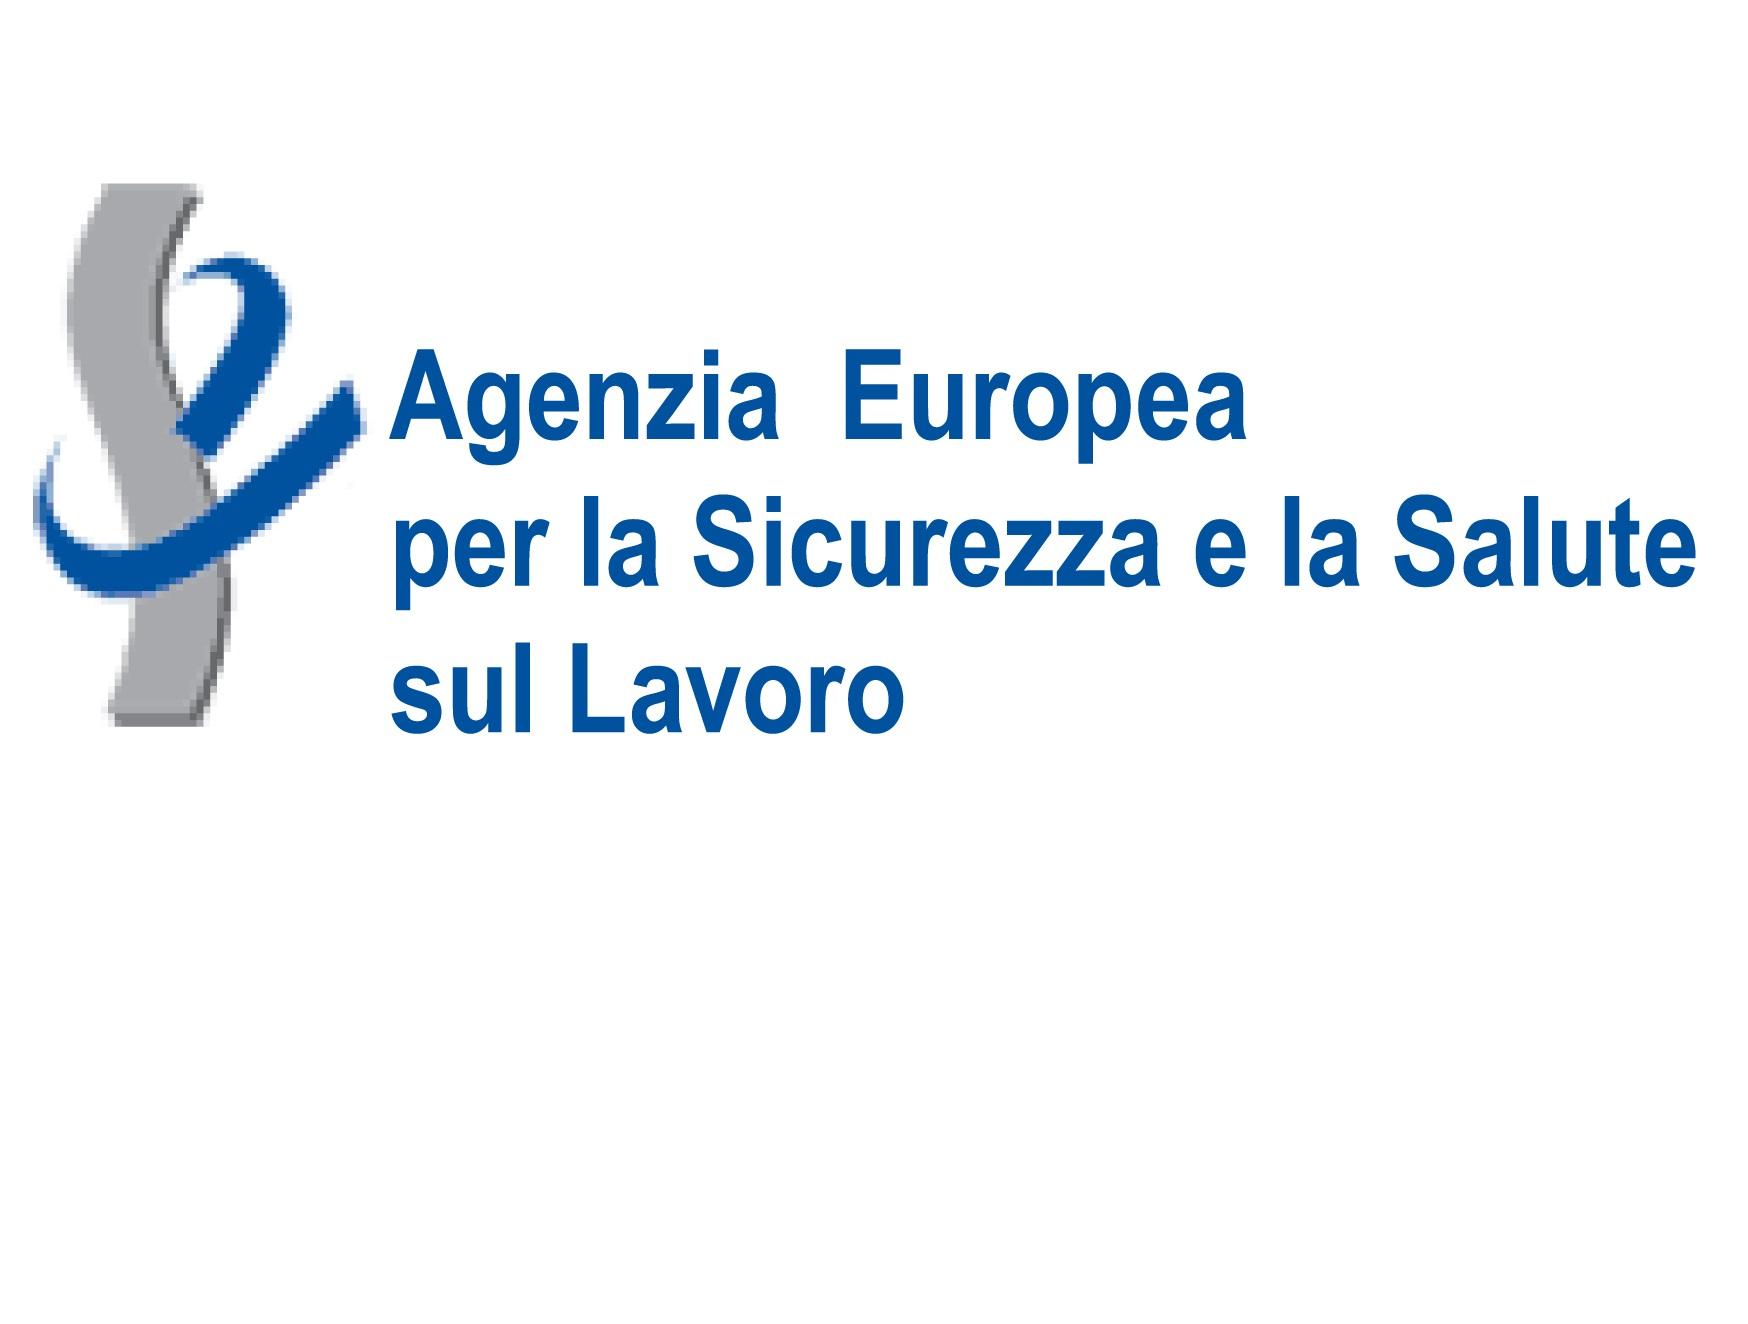 Angenzia europea sicurezza e salute sul lavoro